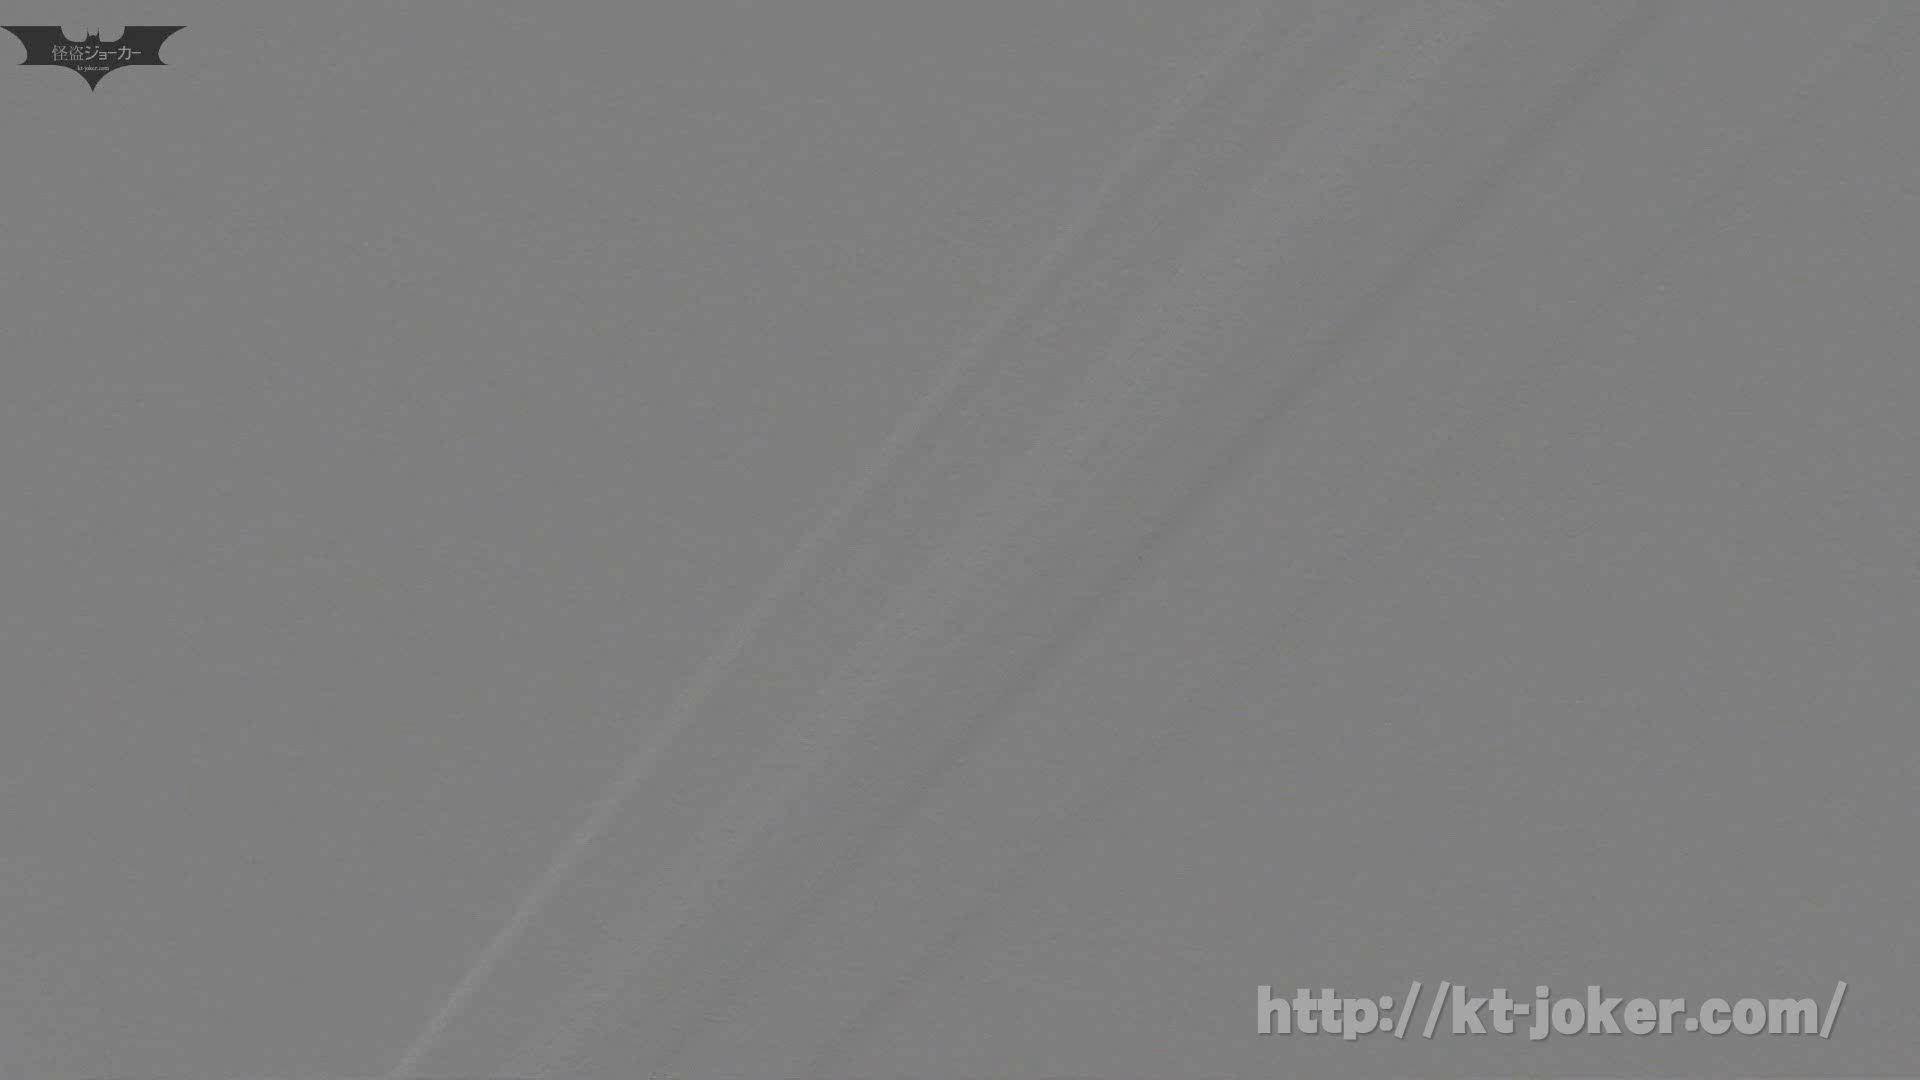 命がけ潜伏洗面所! vol.56 ピンチ!!「鏡の前で祈る女性」にばれる危機 洗面所突入   プライベート  105pic 103